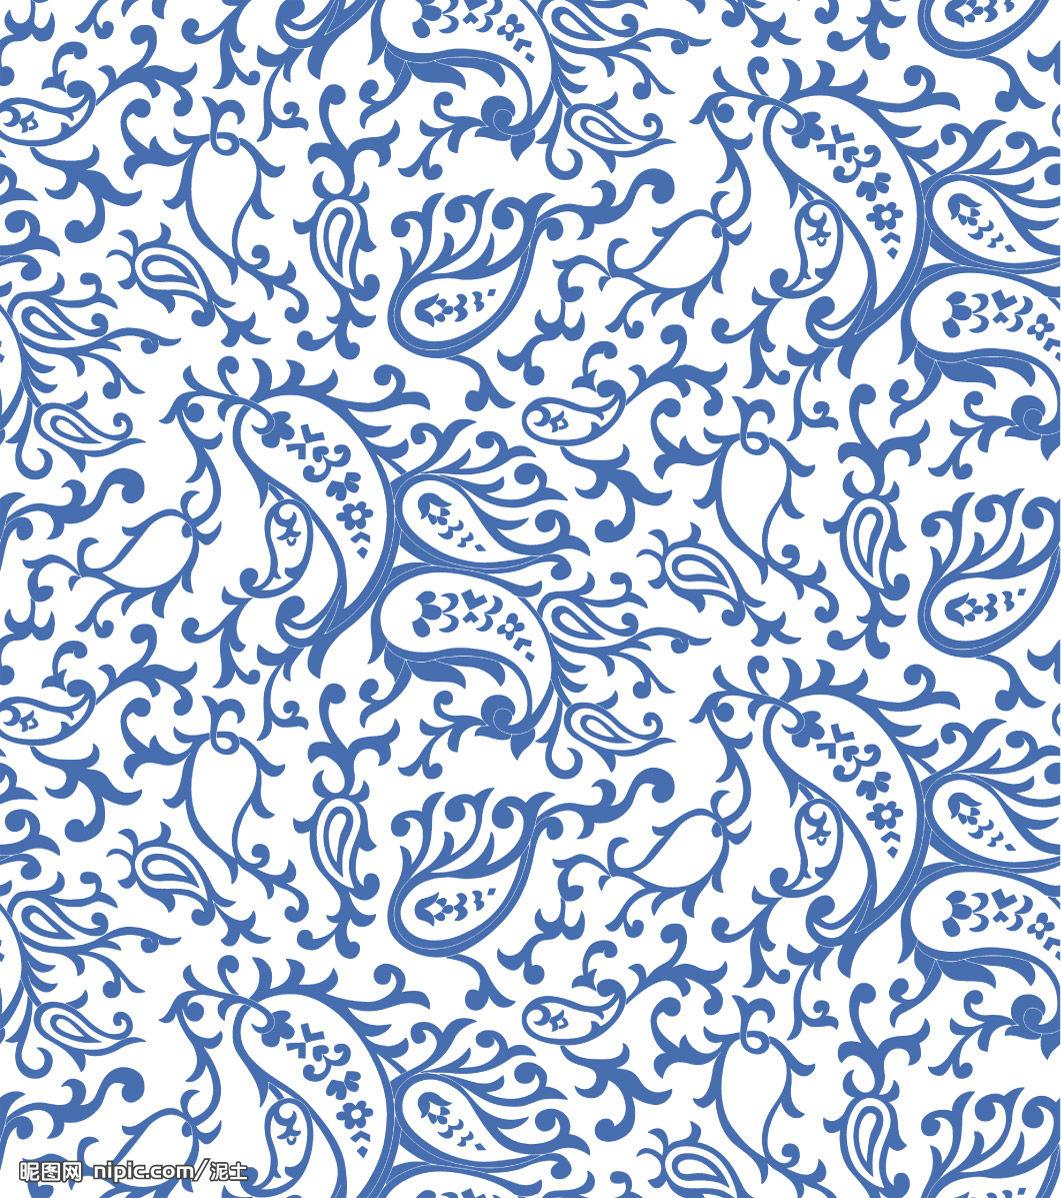 【ps贴图·素材】古典的背景花纹图片